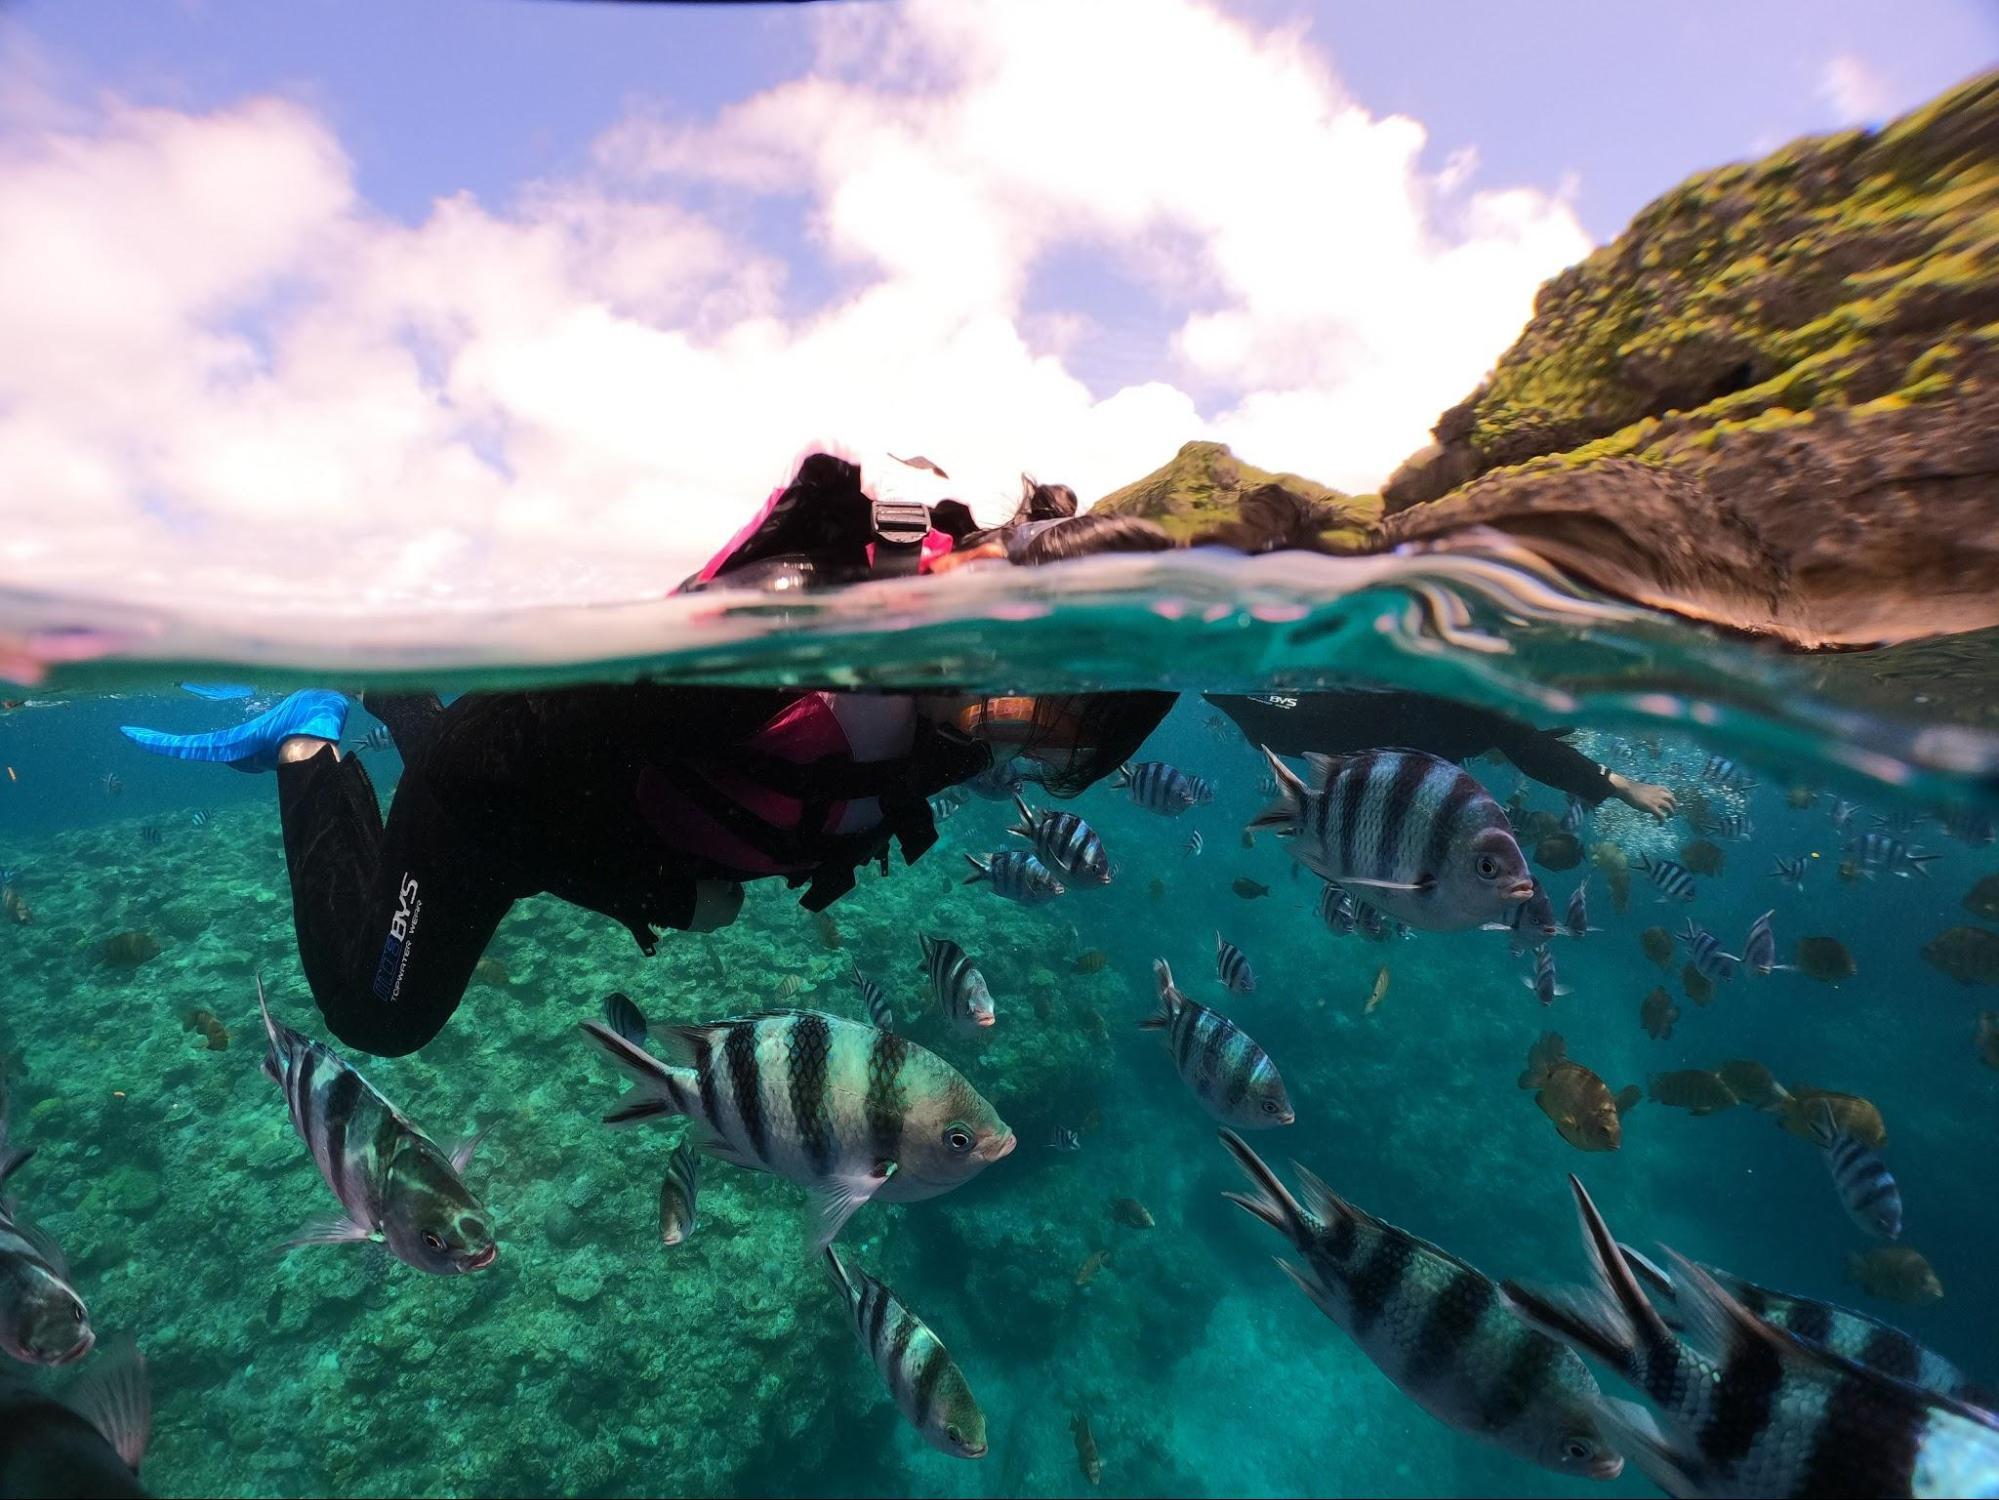 アイキャッチ:沖縄の美しい海を堪能できる「マリンサービス むるぬーし」のツ …